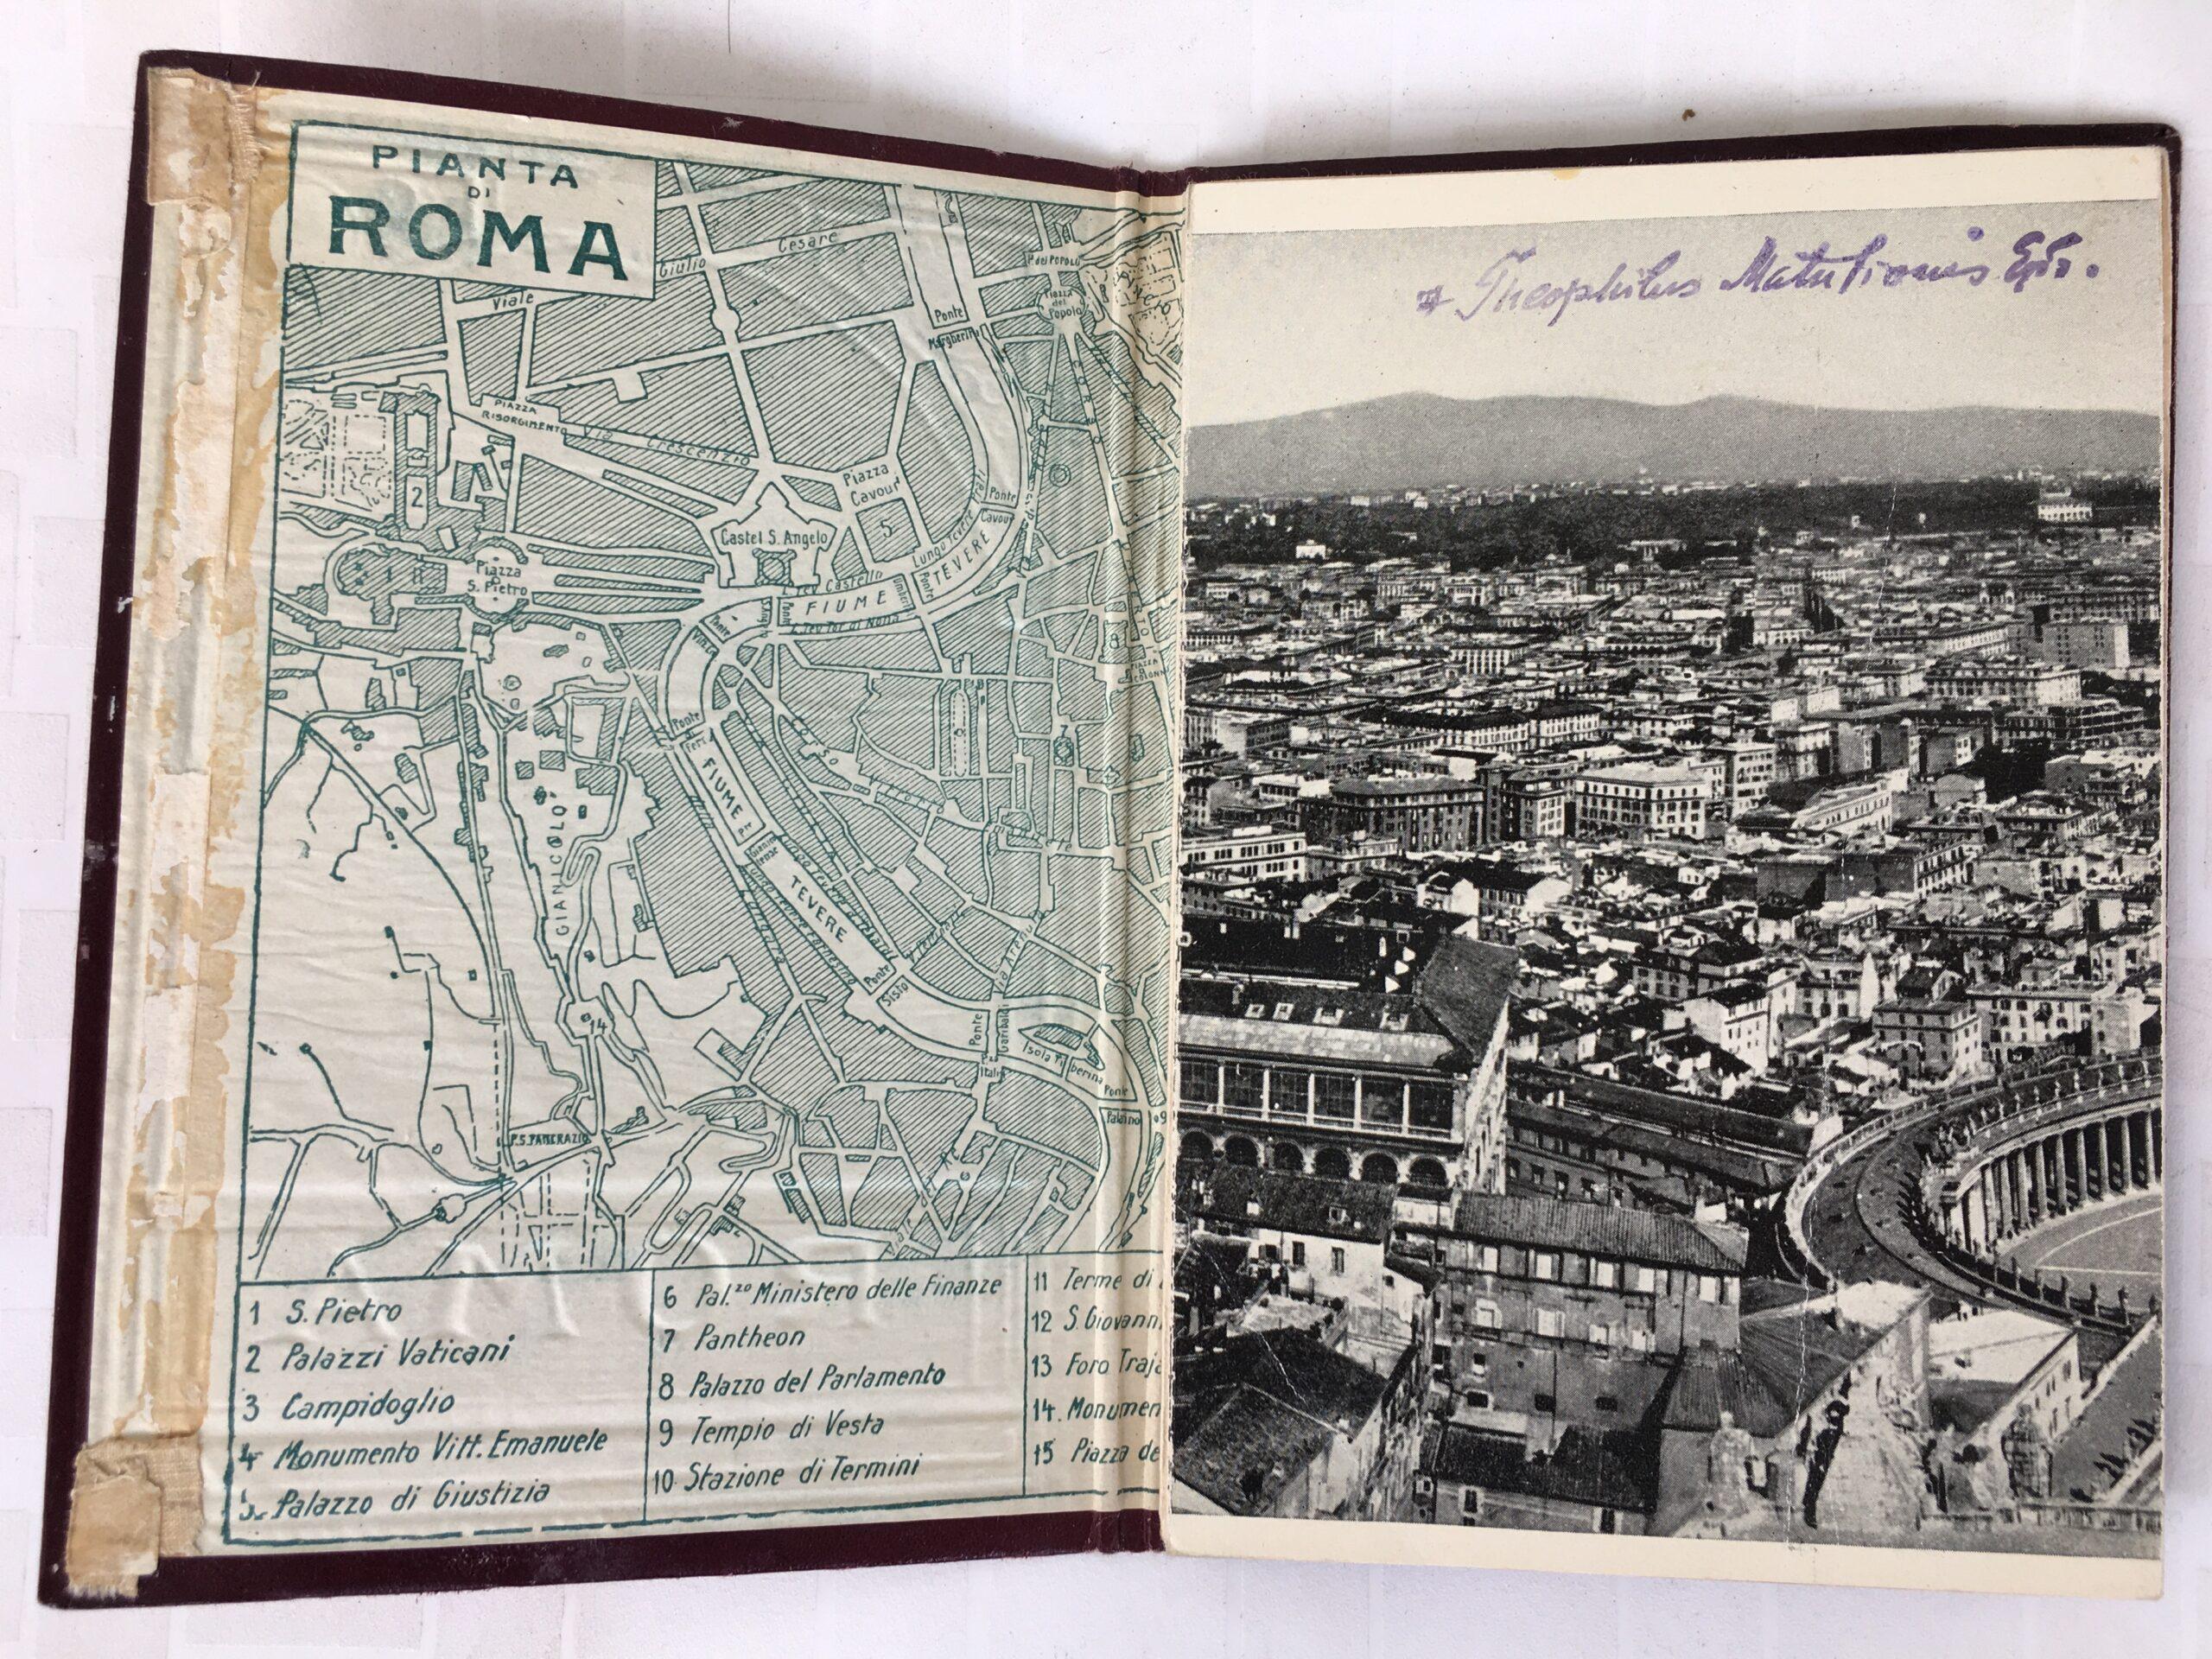 Romos žemėlapis, nuotrauka ir Teofiliaus Matulionio signatūra.